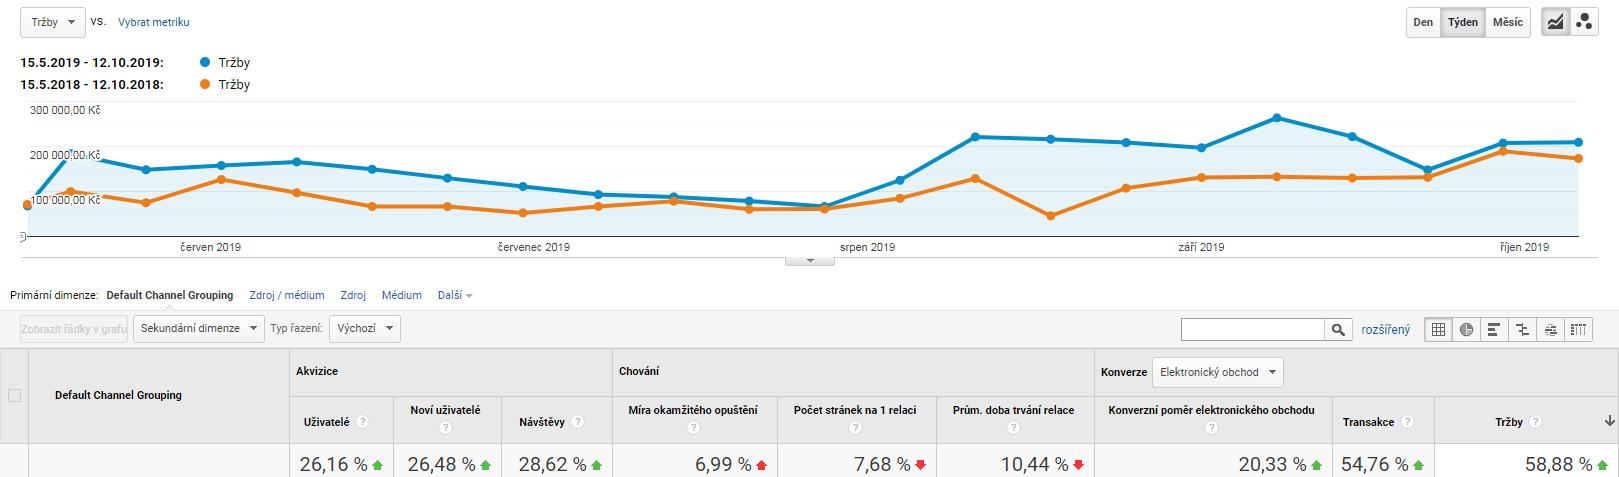 MegaSkate.cz – Procentuální výkon po redesignu (Zdroj: Google Analytics)